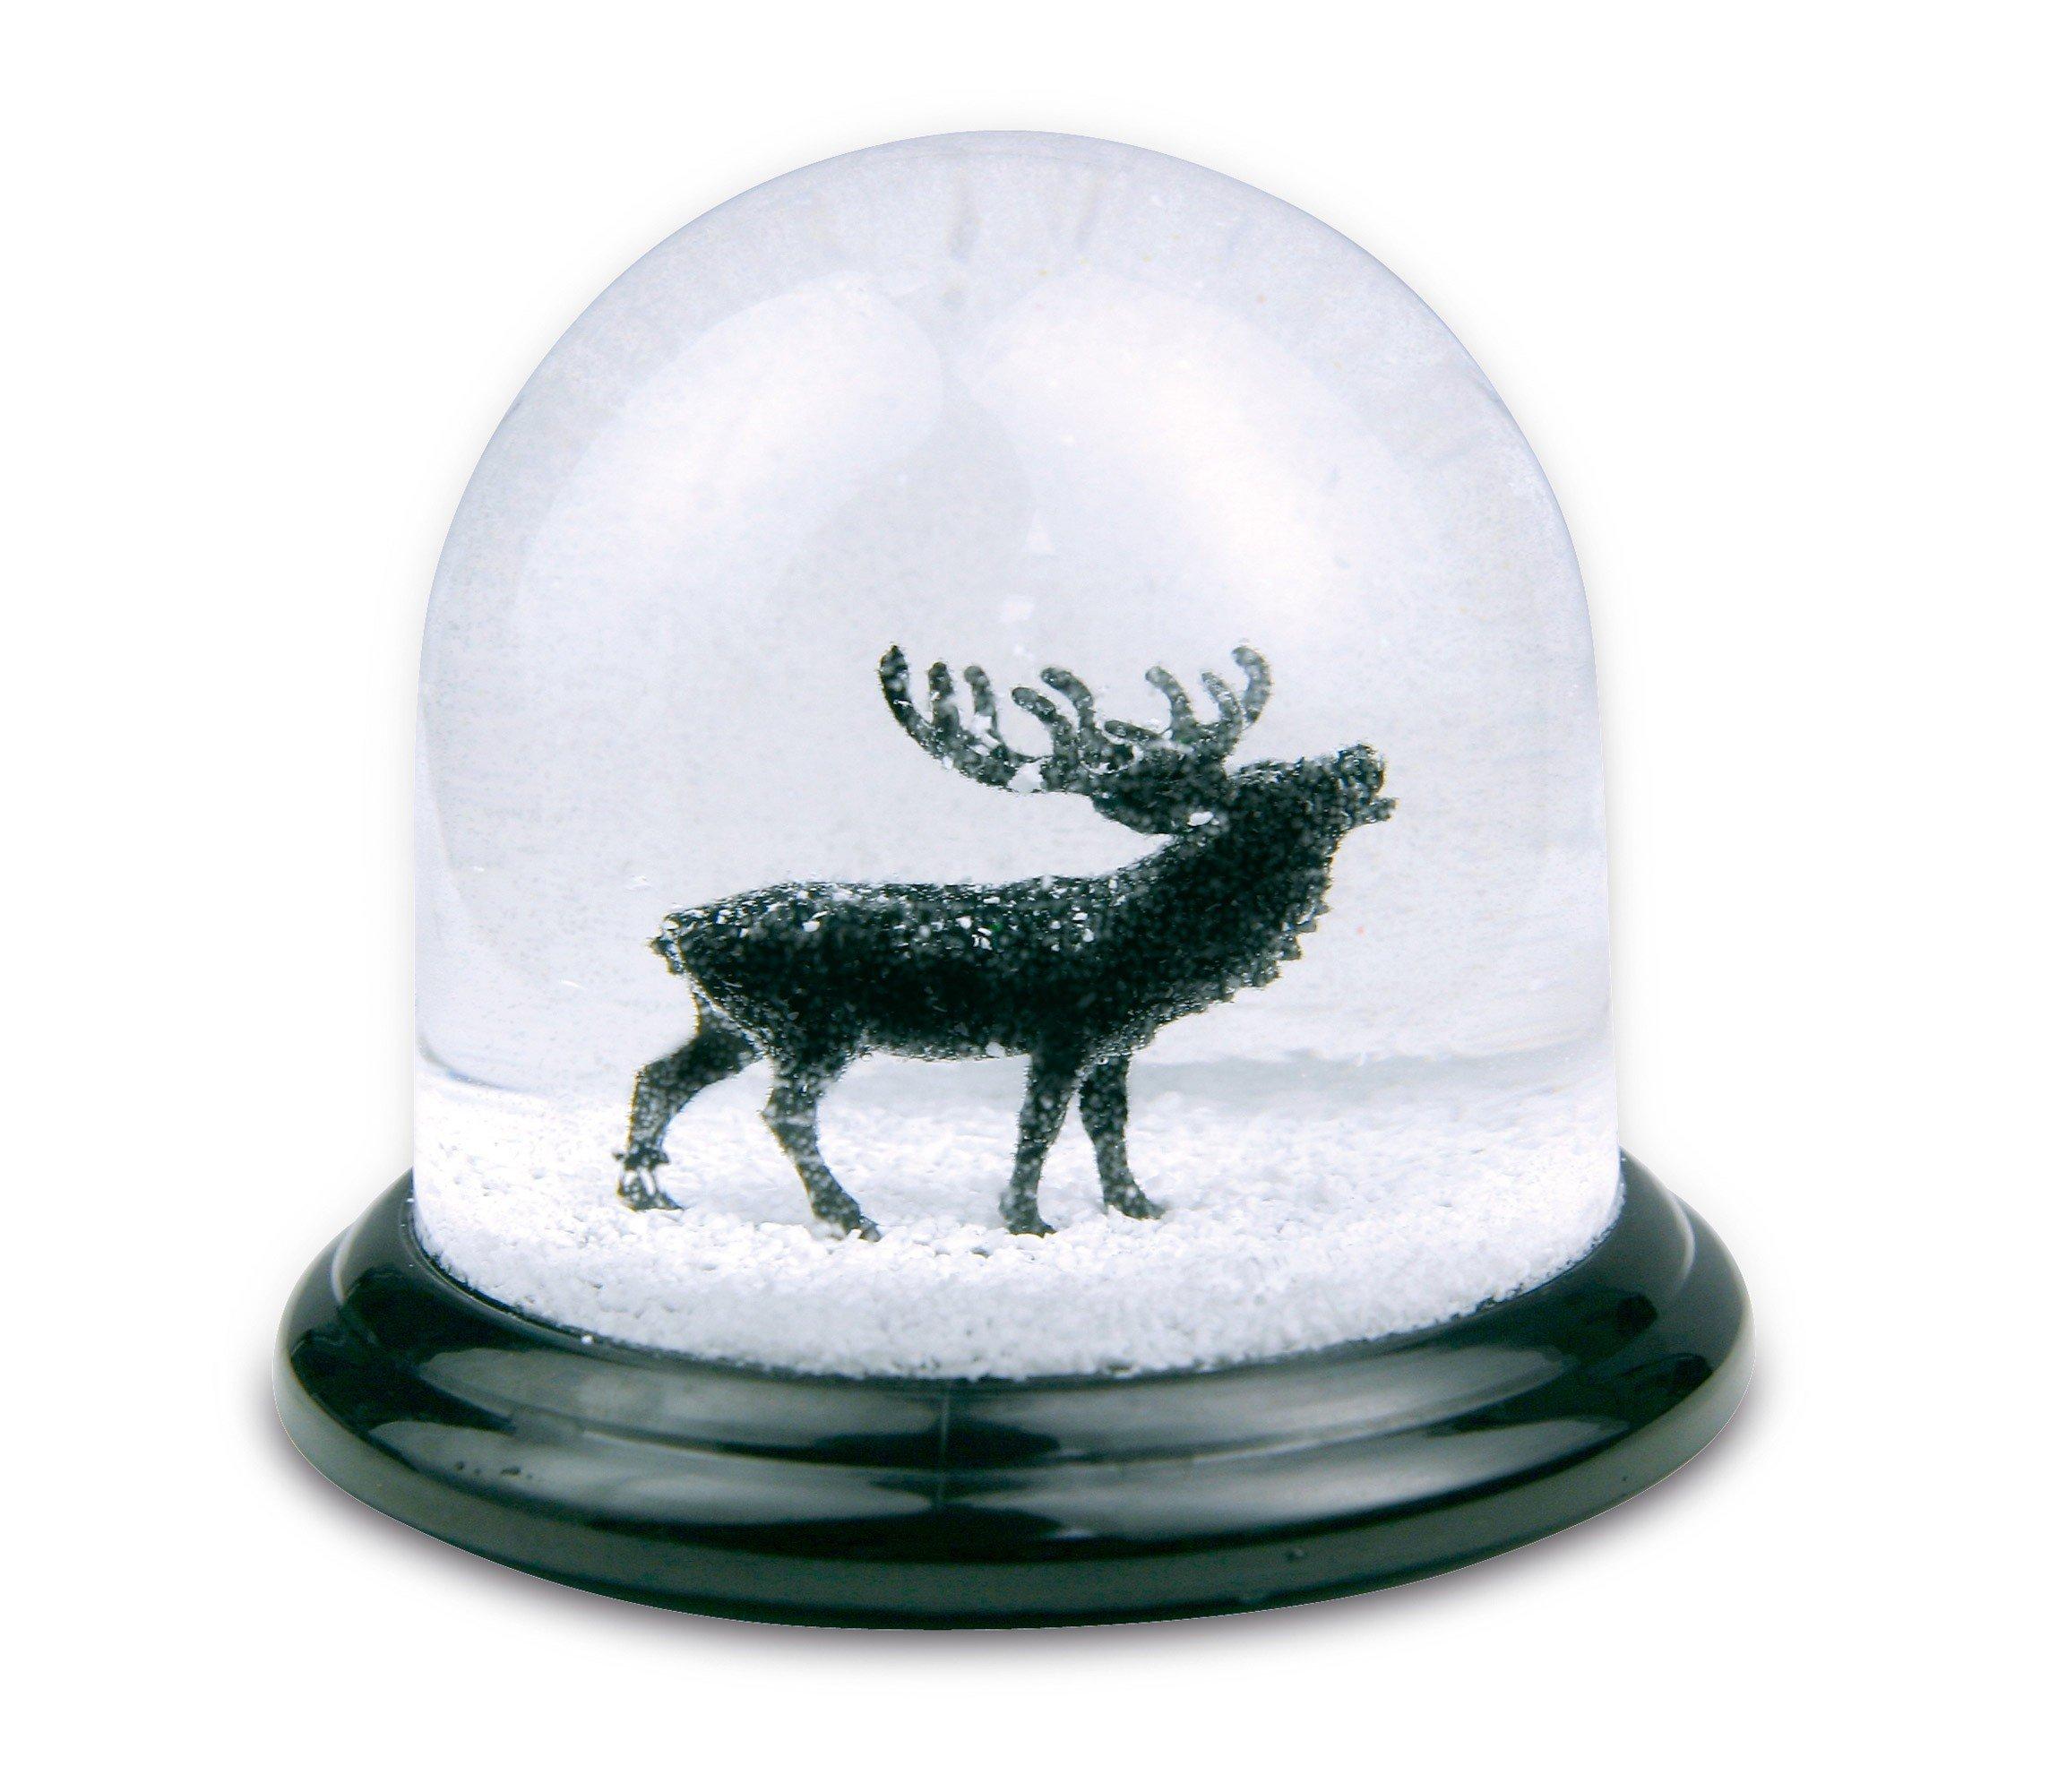 Dekoracja świąteczna Dream Globe Black Forest